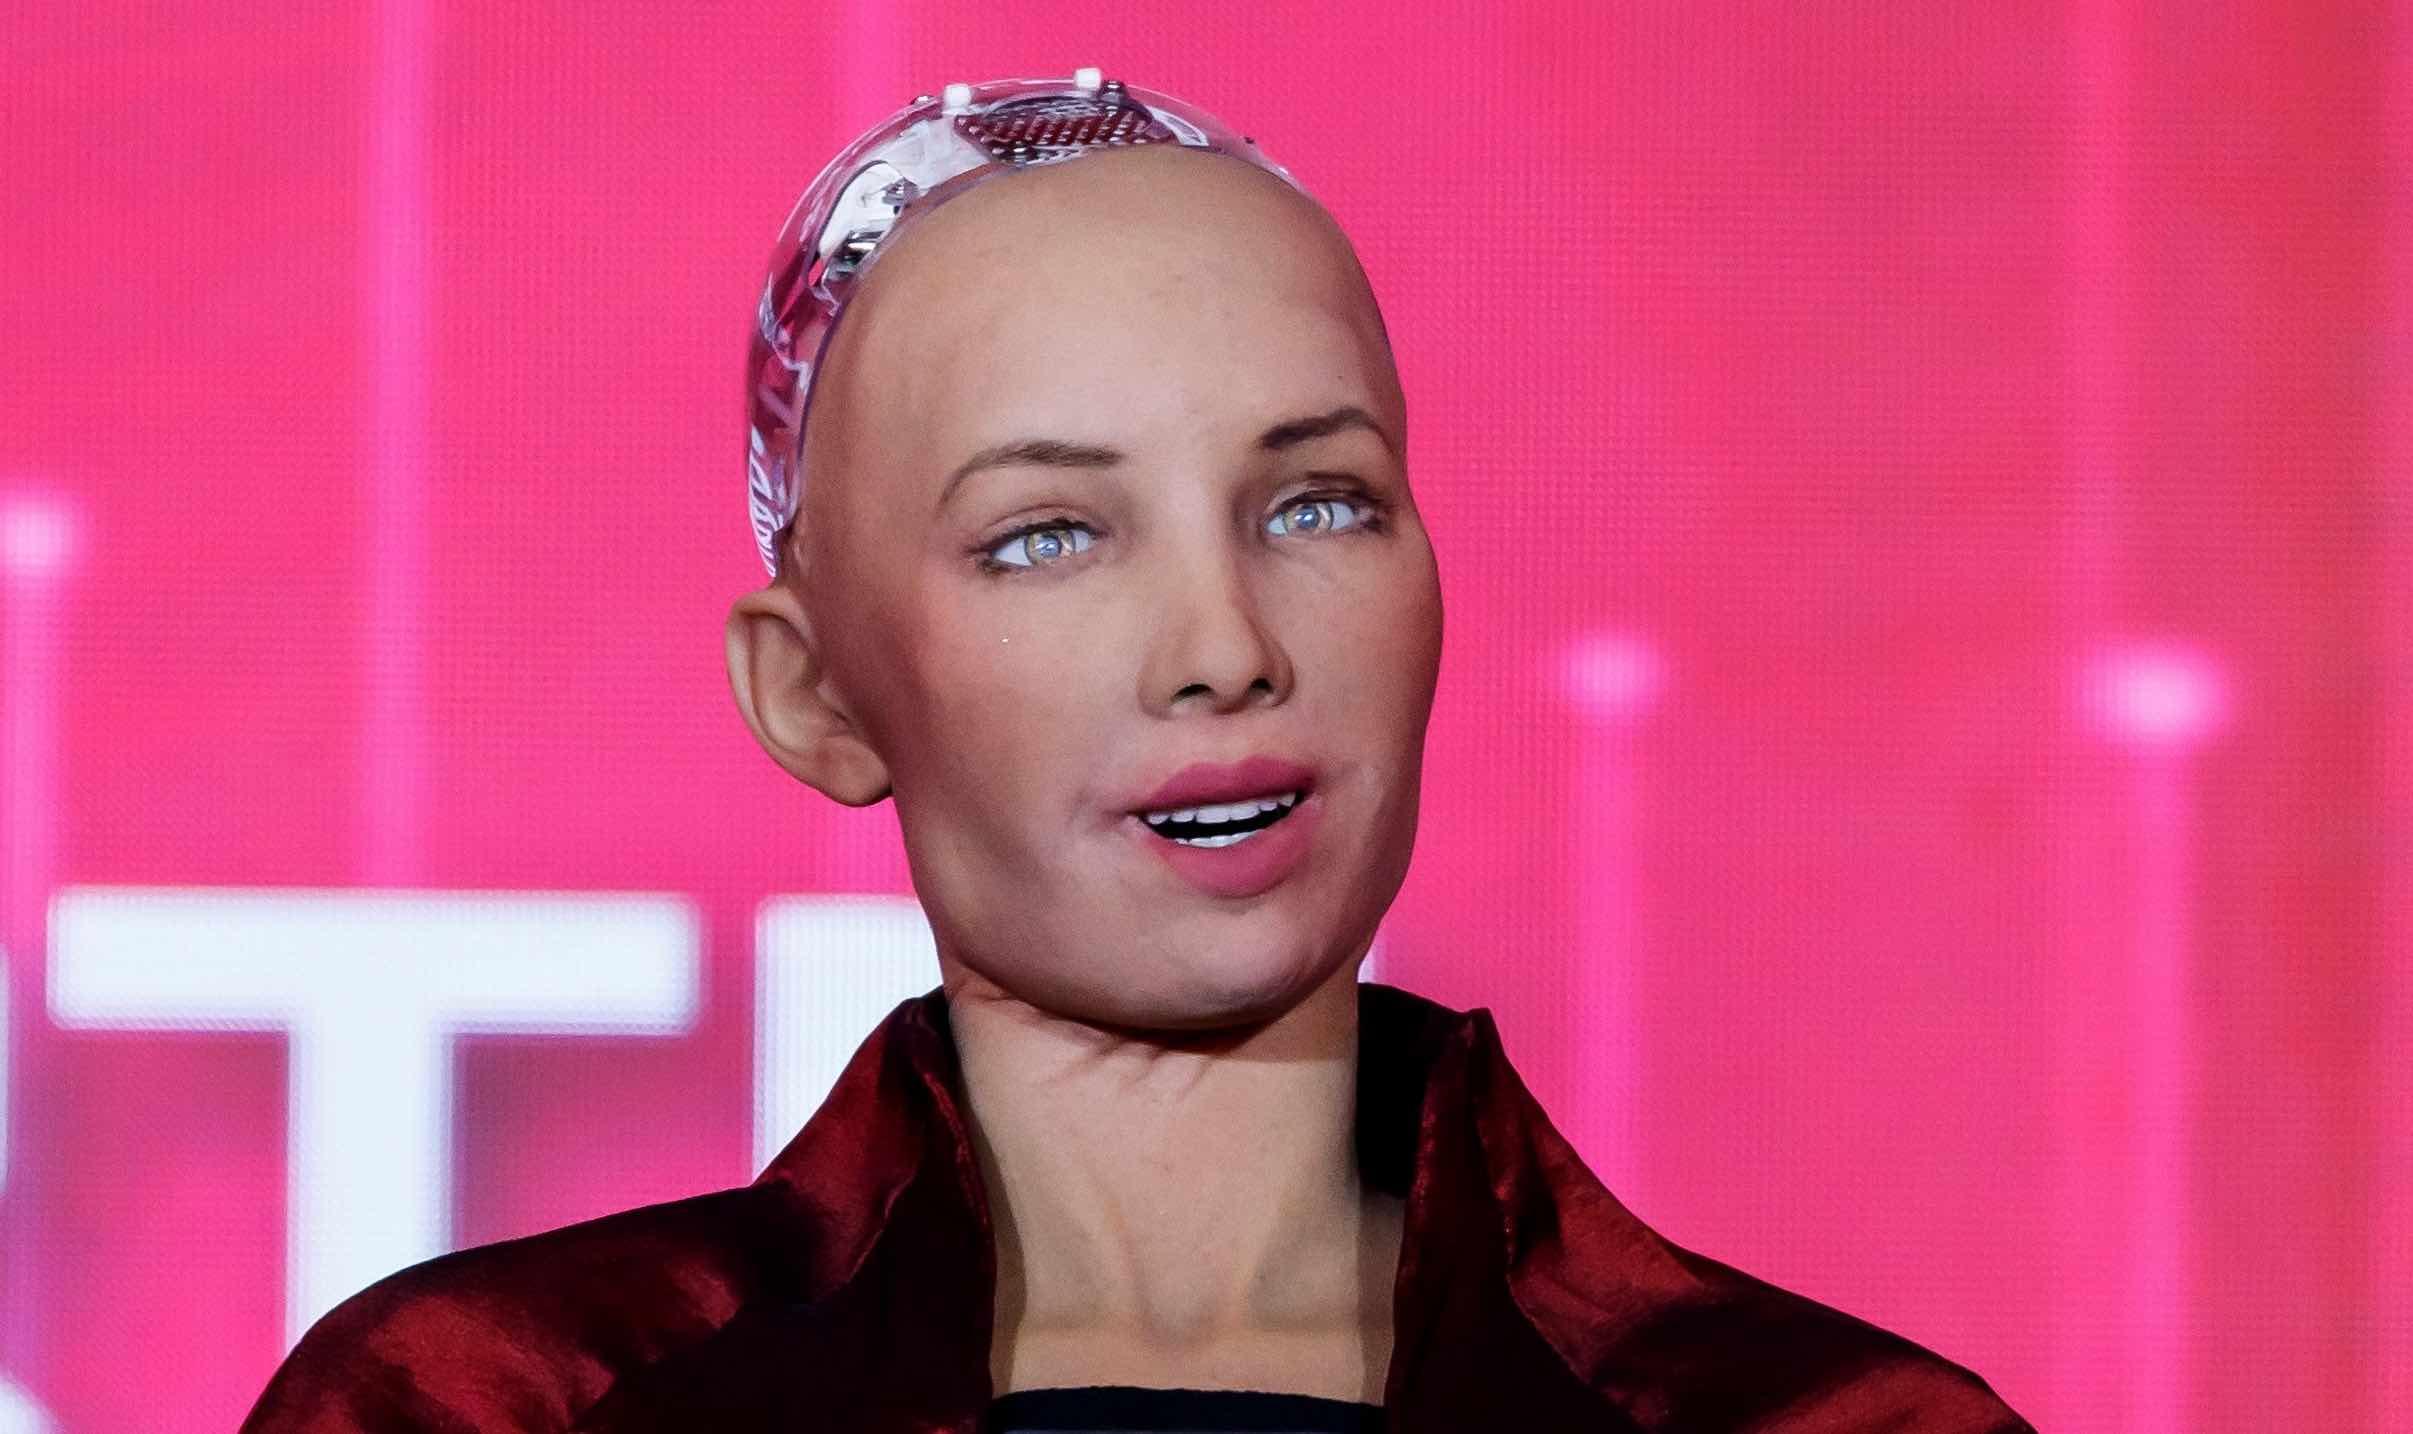 Subastan obra de Sophia, el robot que ahora es artista